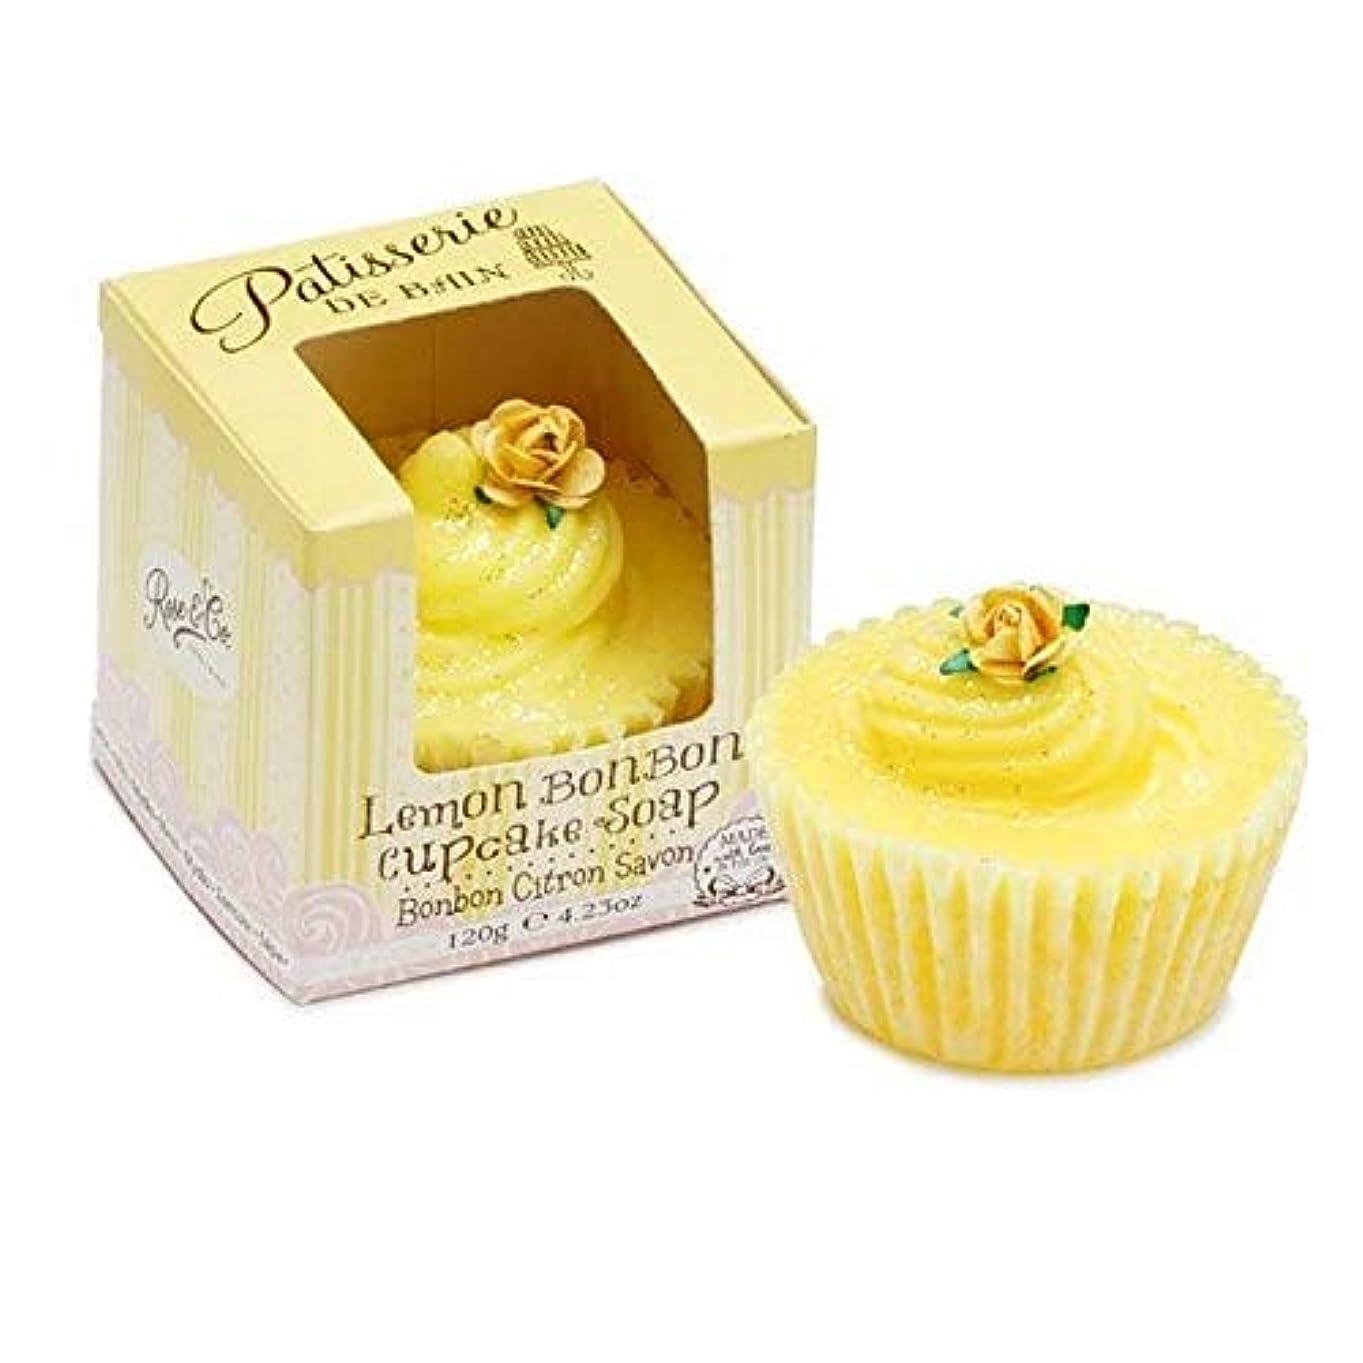 コート一瞬ワックス[Patisserie de Bain ] パティスリー?デ?ベインレモンボンボンカップケーキソープ120グラム - Patisserie de Bain Lemon Bon Bon Cupcake soap 120g [並行輸入品]